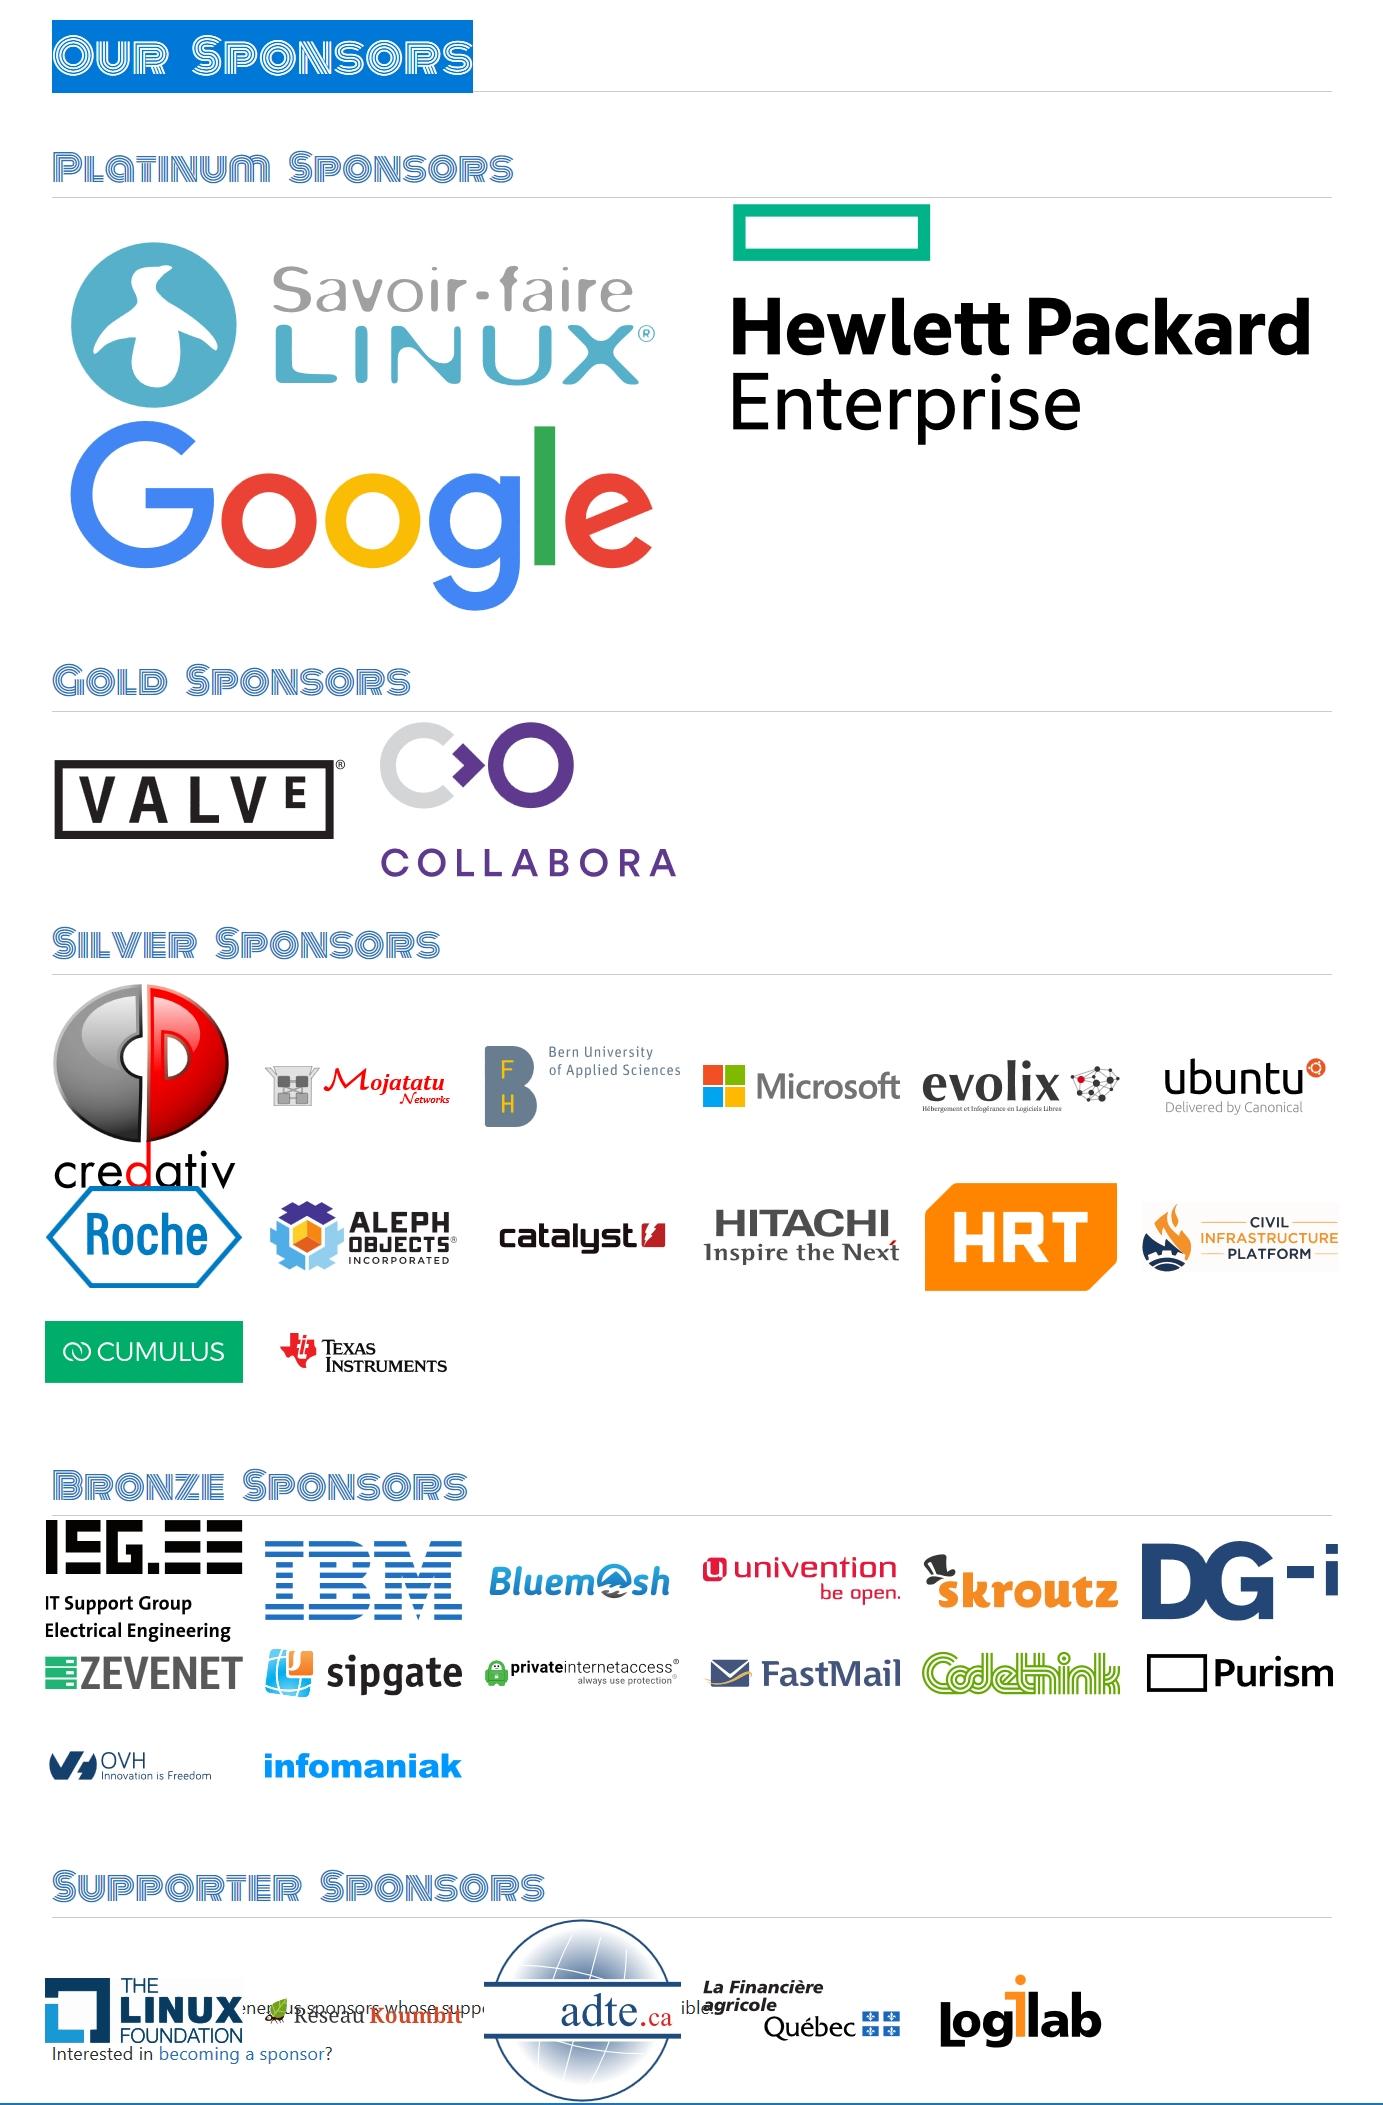 Les partenaires et sponsors du projet Debian